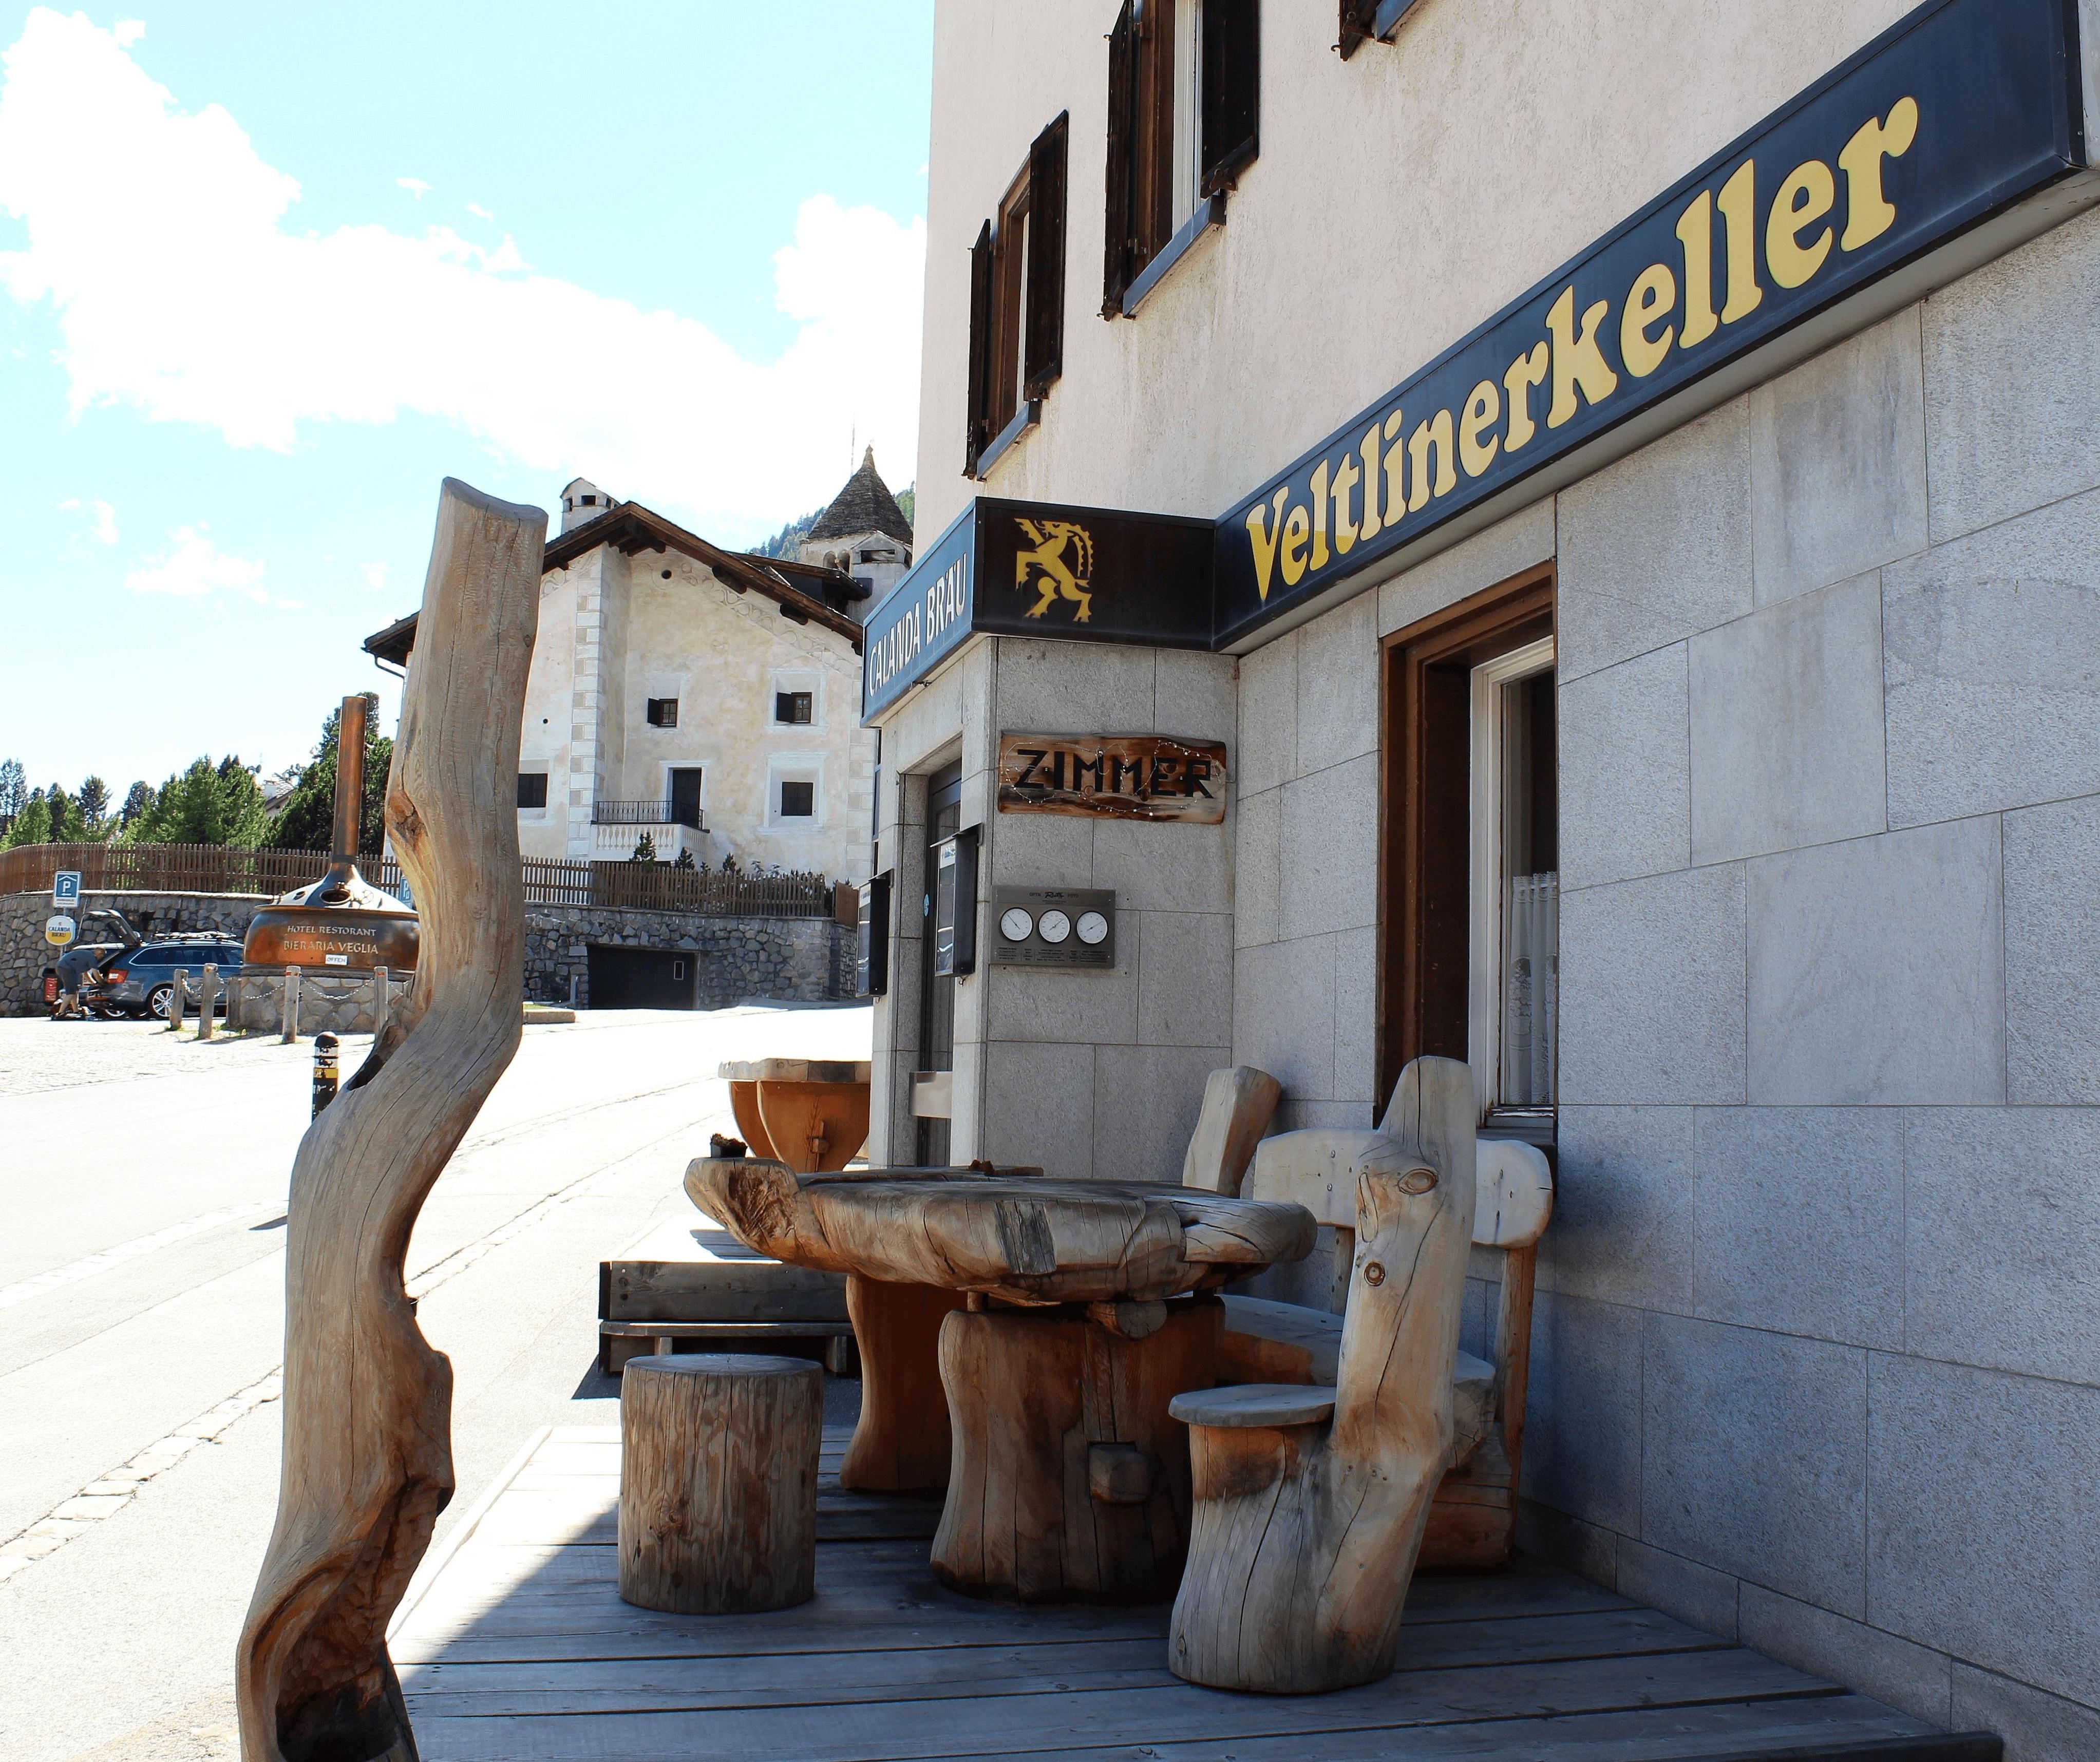 Restaurant Veltlinerkeller Slide 1